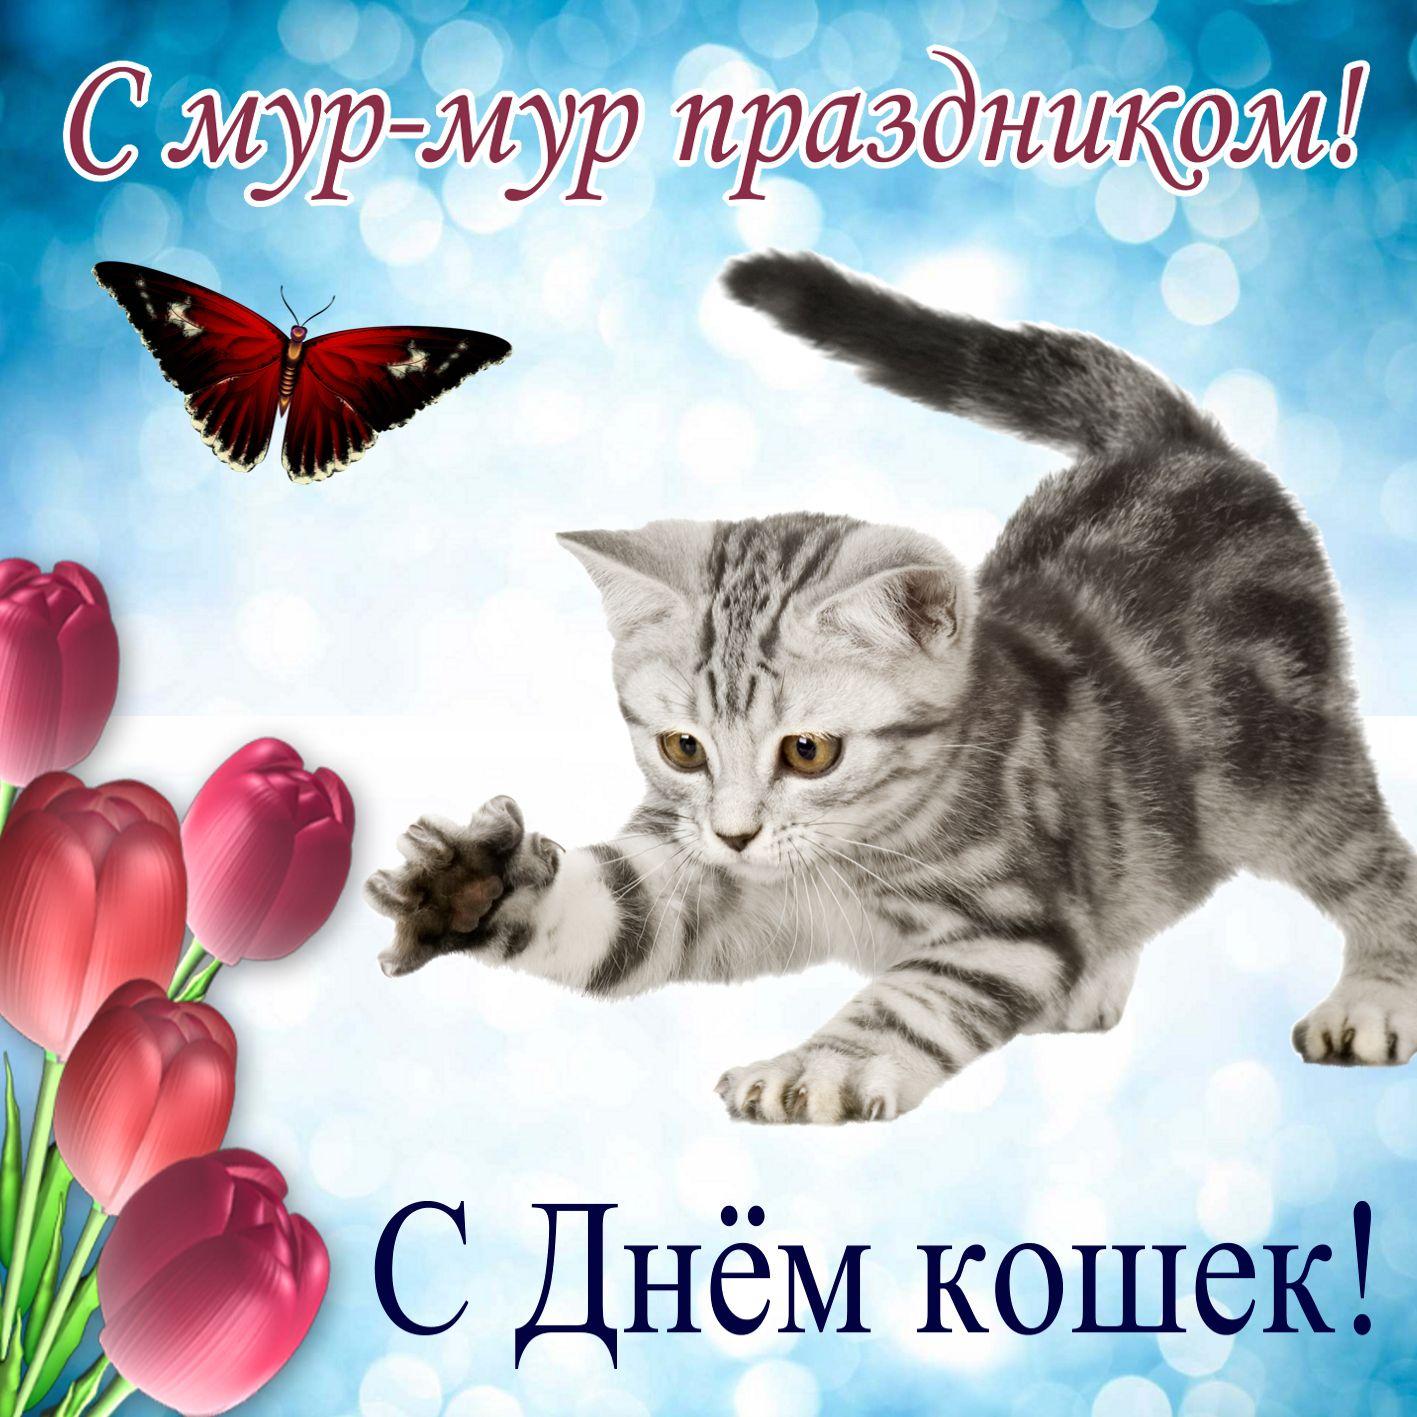 Открытка на День кошек - играющий котенок с бабочкой и тюльпанами